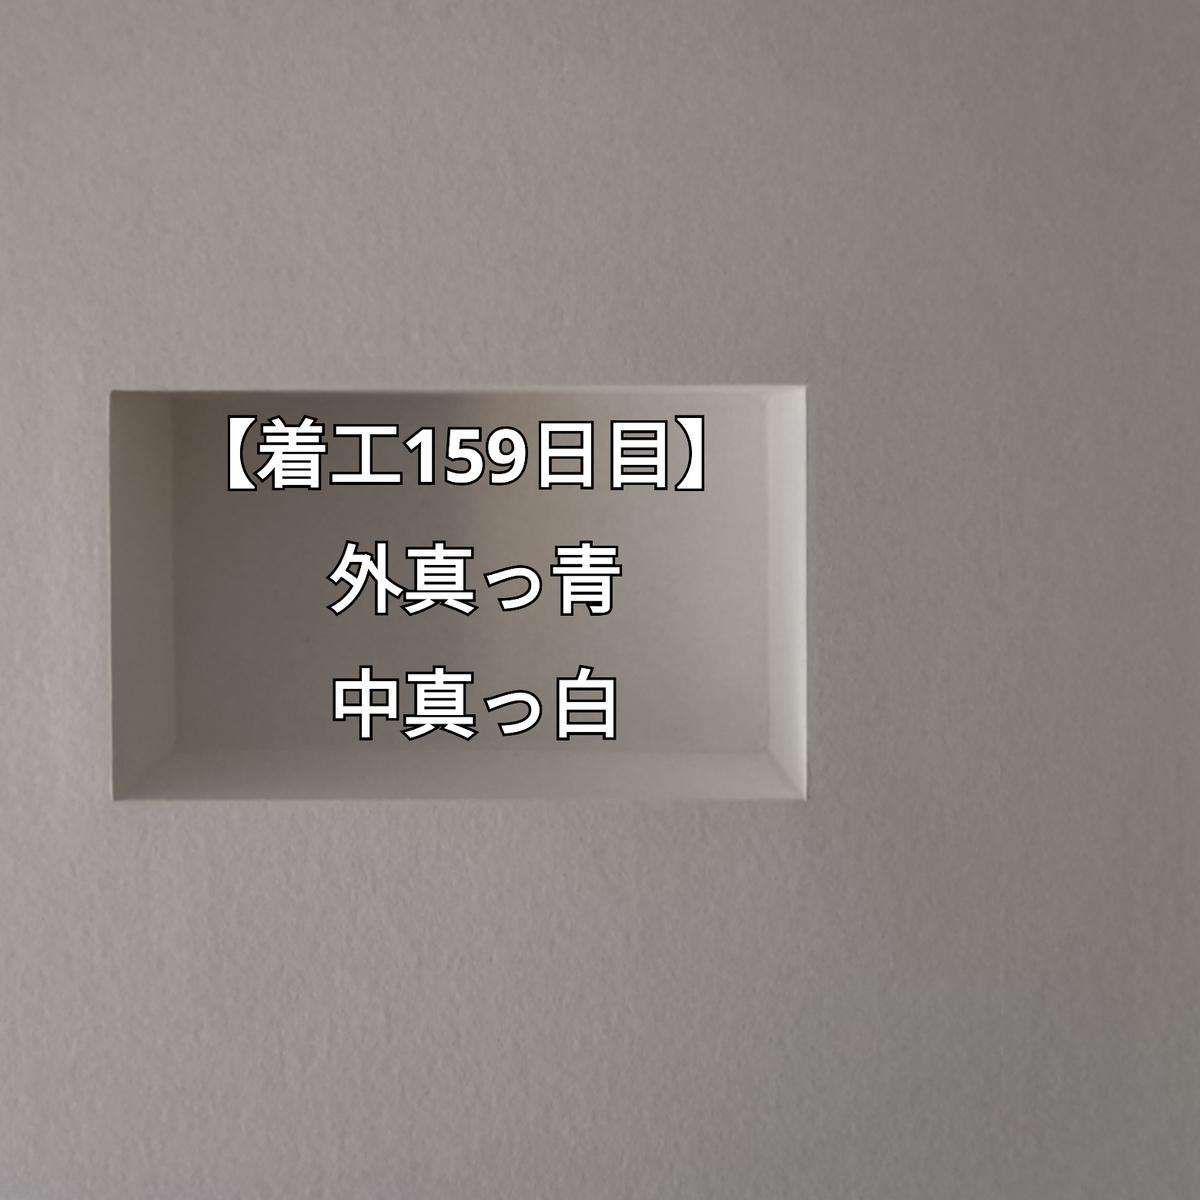 【着工159日目】外真っ青、中真っ白